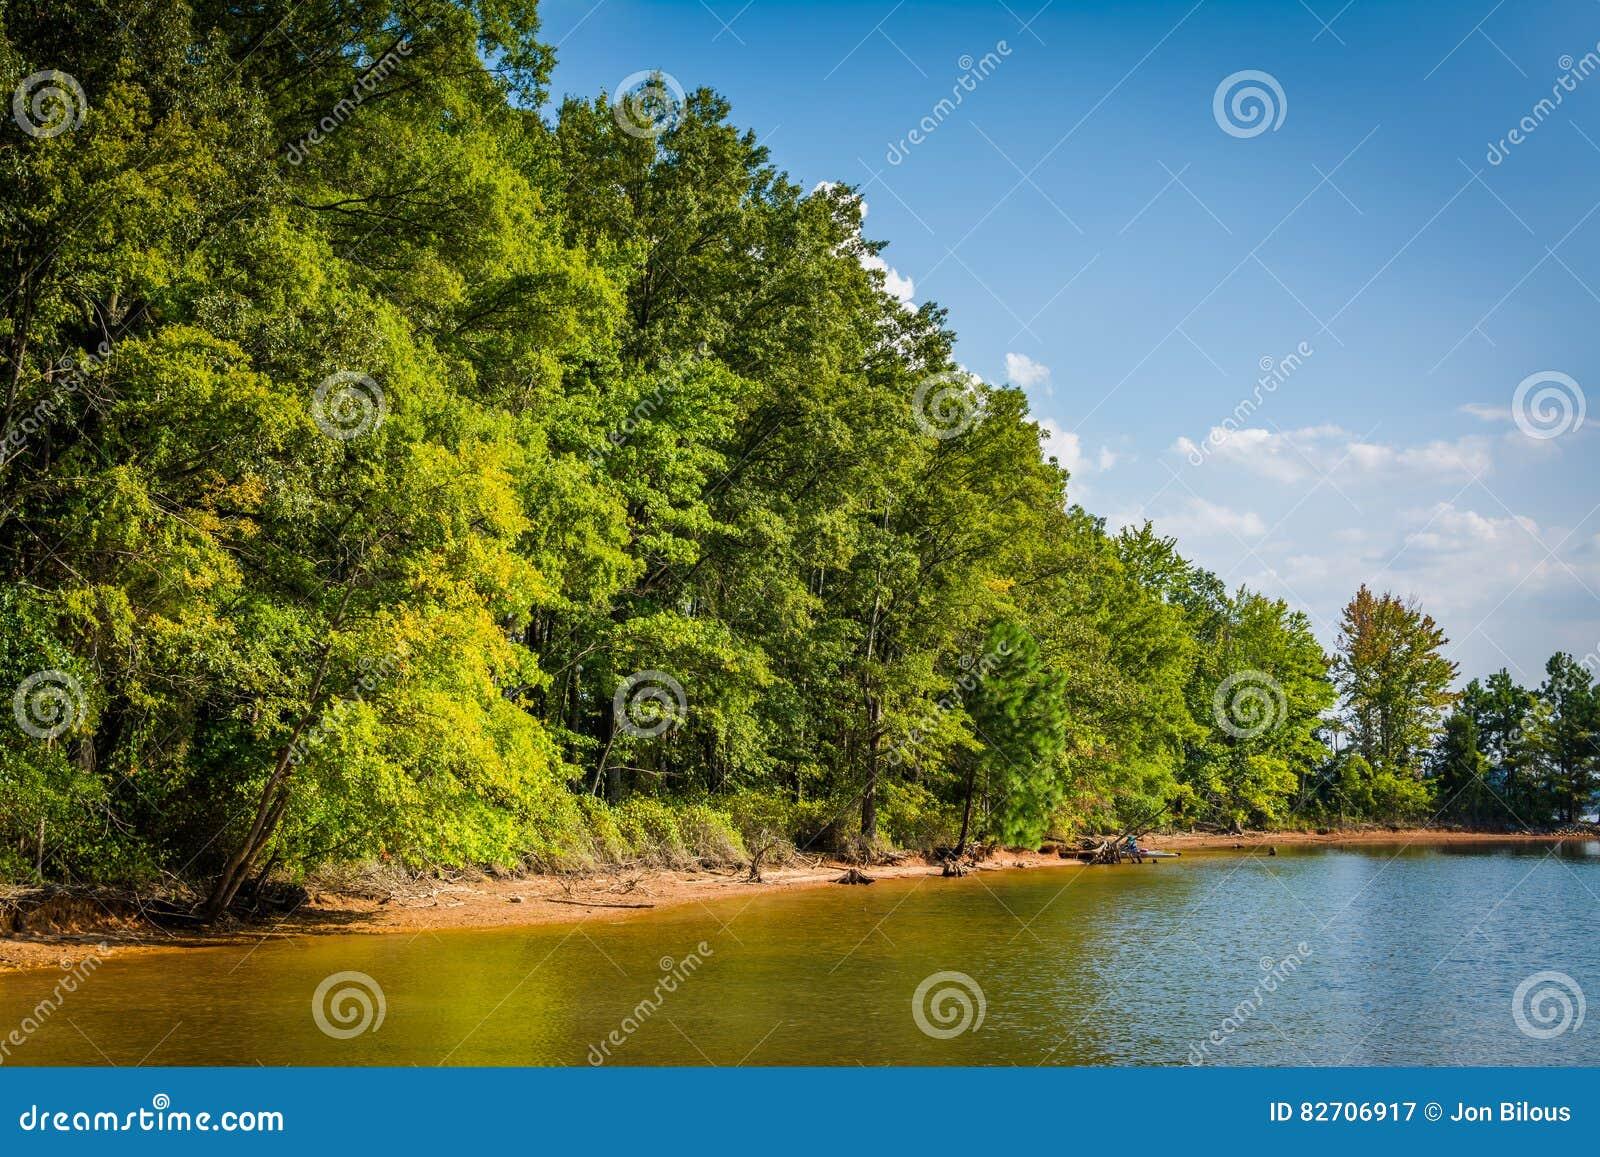 Normanno del lago al parco del jetton in cornelius nord for Cabina lago north carolina